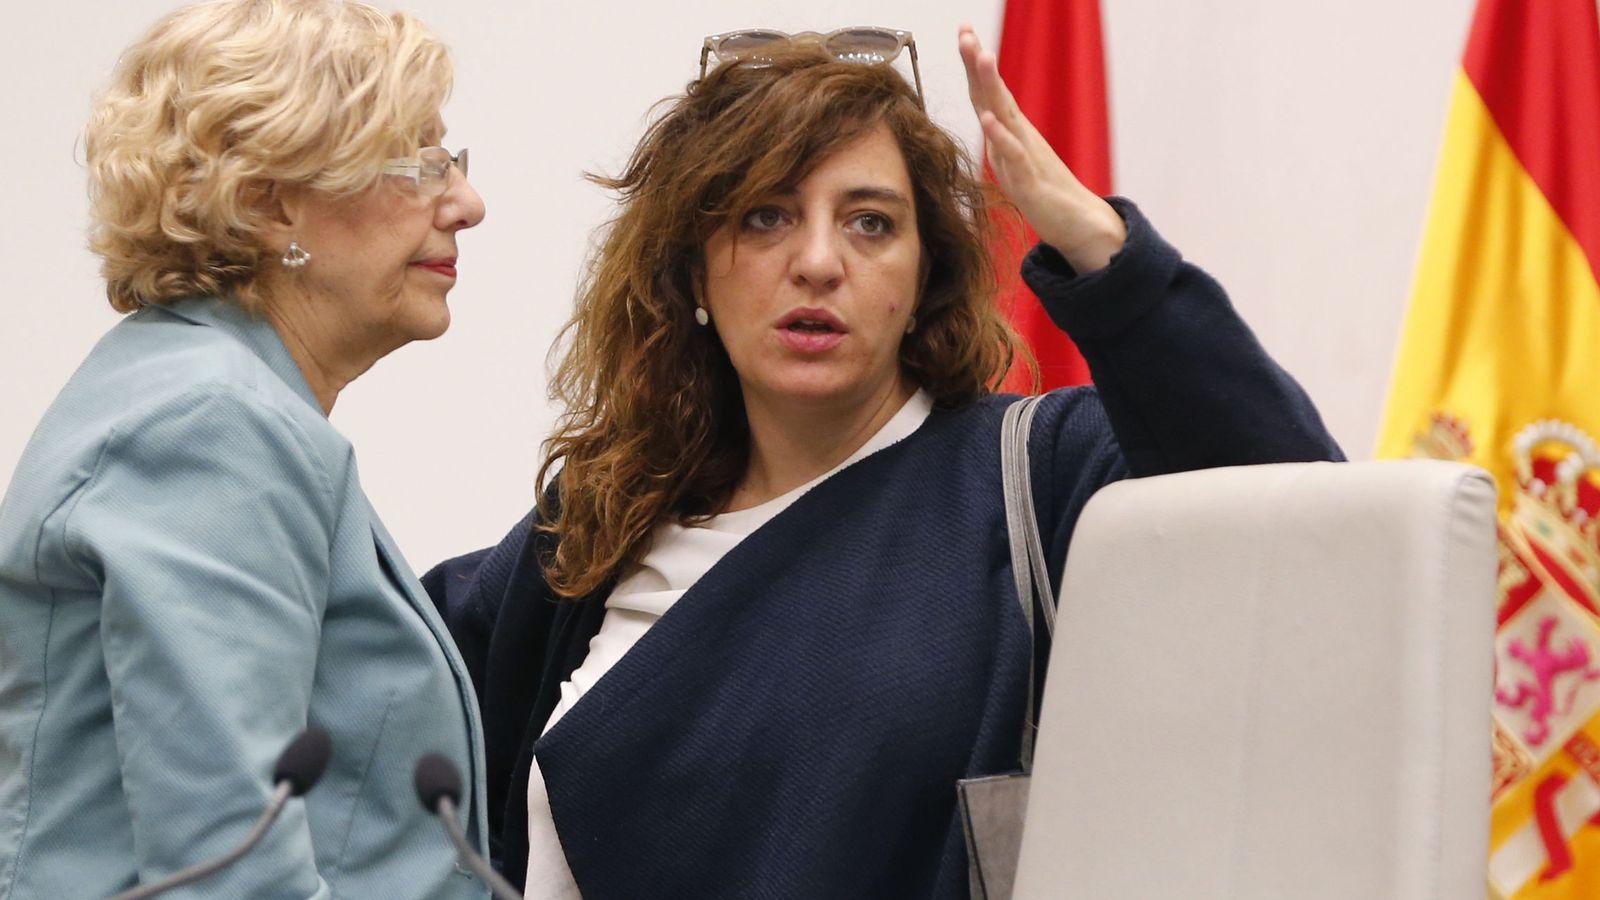 Foto: Manuela Carmena (i), conversa con la concejal de Cultura y Deportes del Ayuntamiento, Celia Mayer. (EFE)